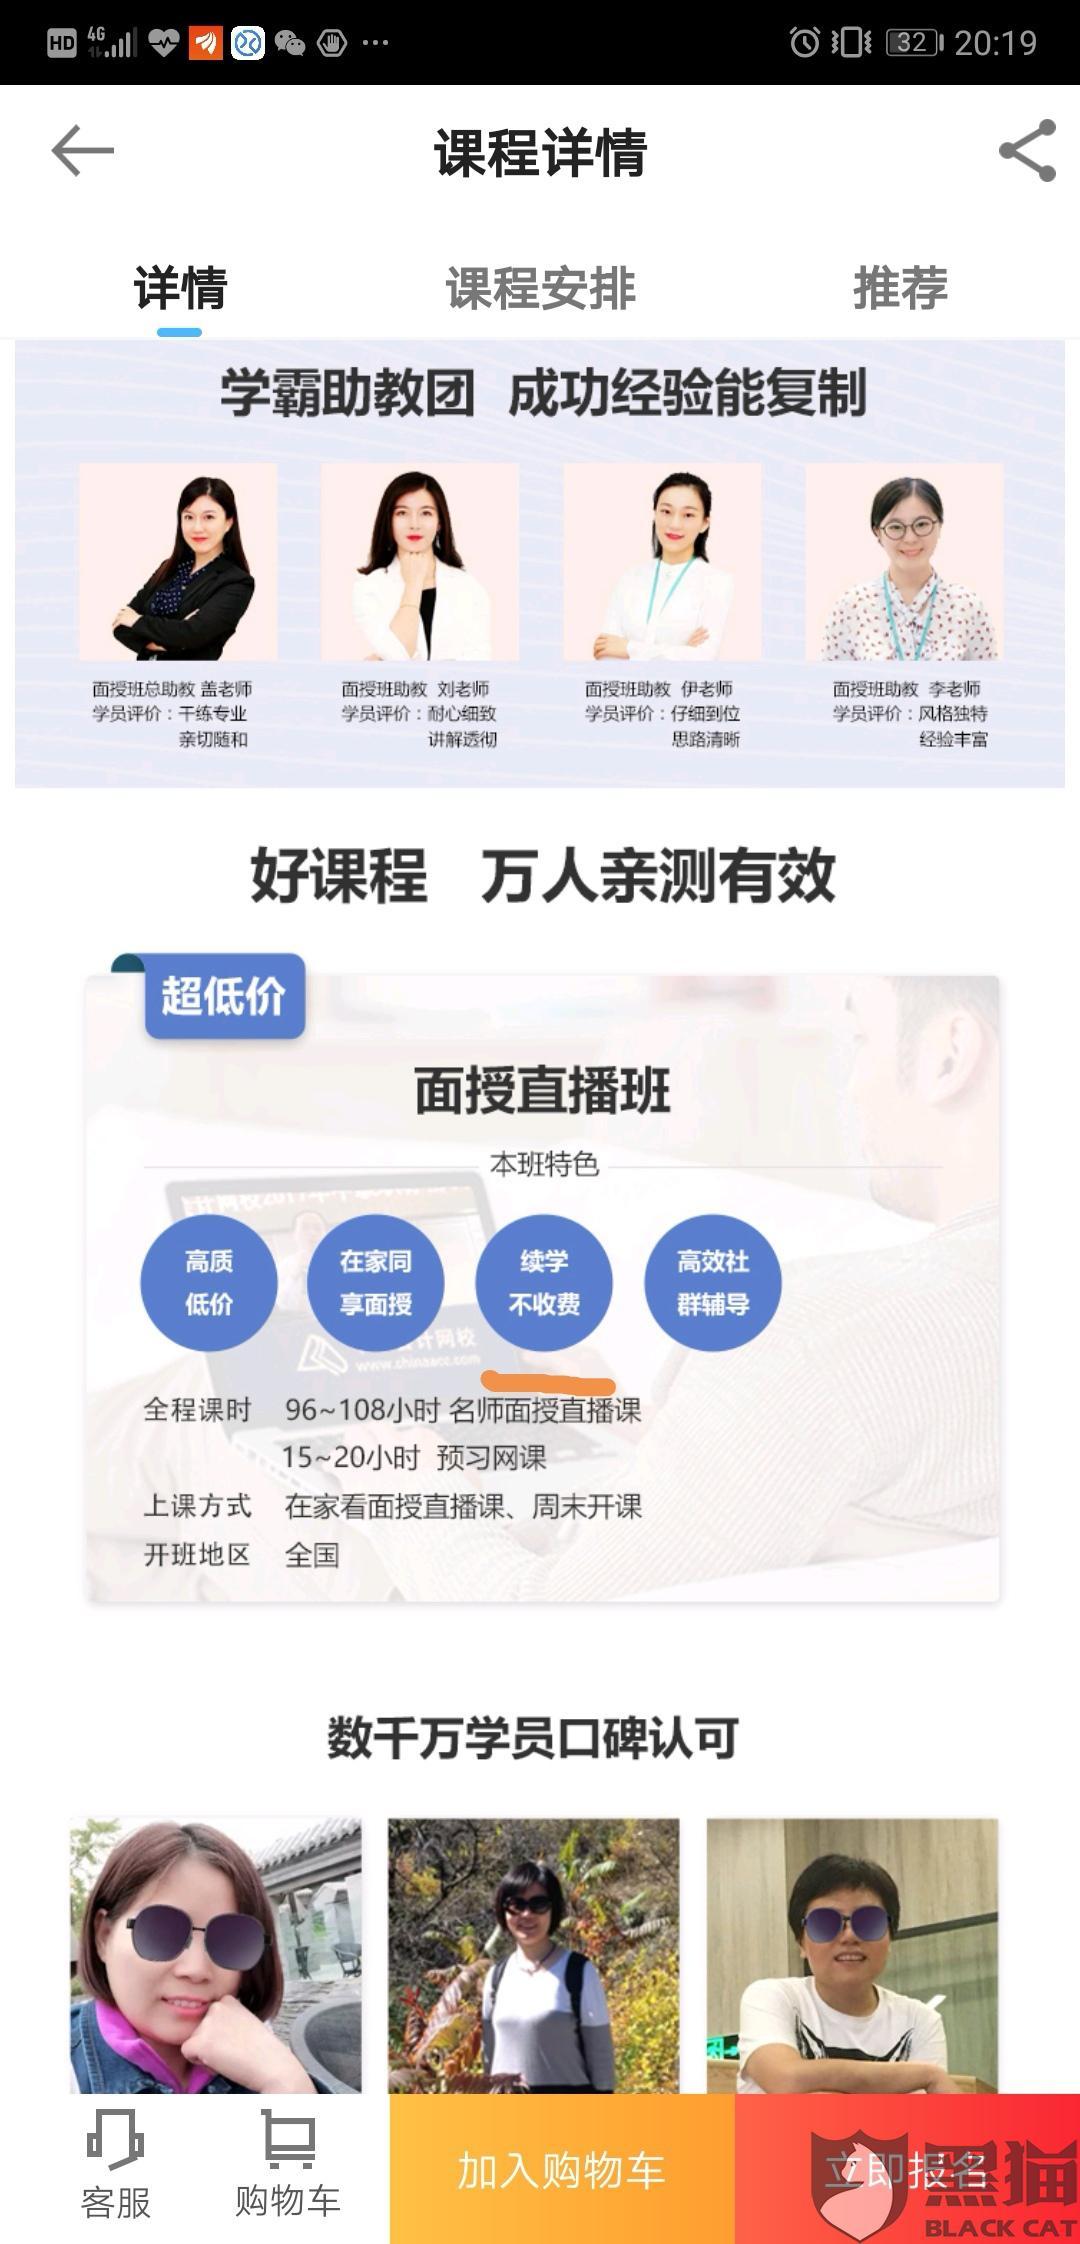 黑猫投诉:要求中华会计网校按照宣传给予开通中级会计职称面授直播班并且享受同期学员同等待遇